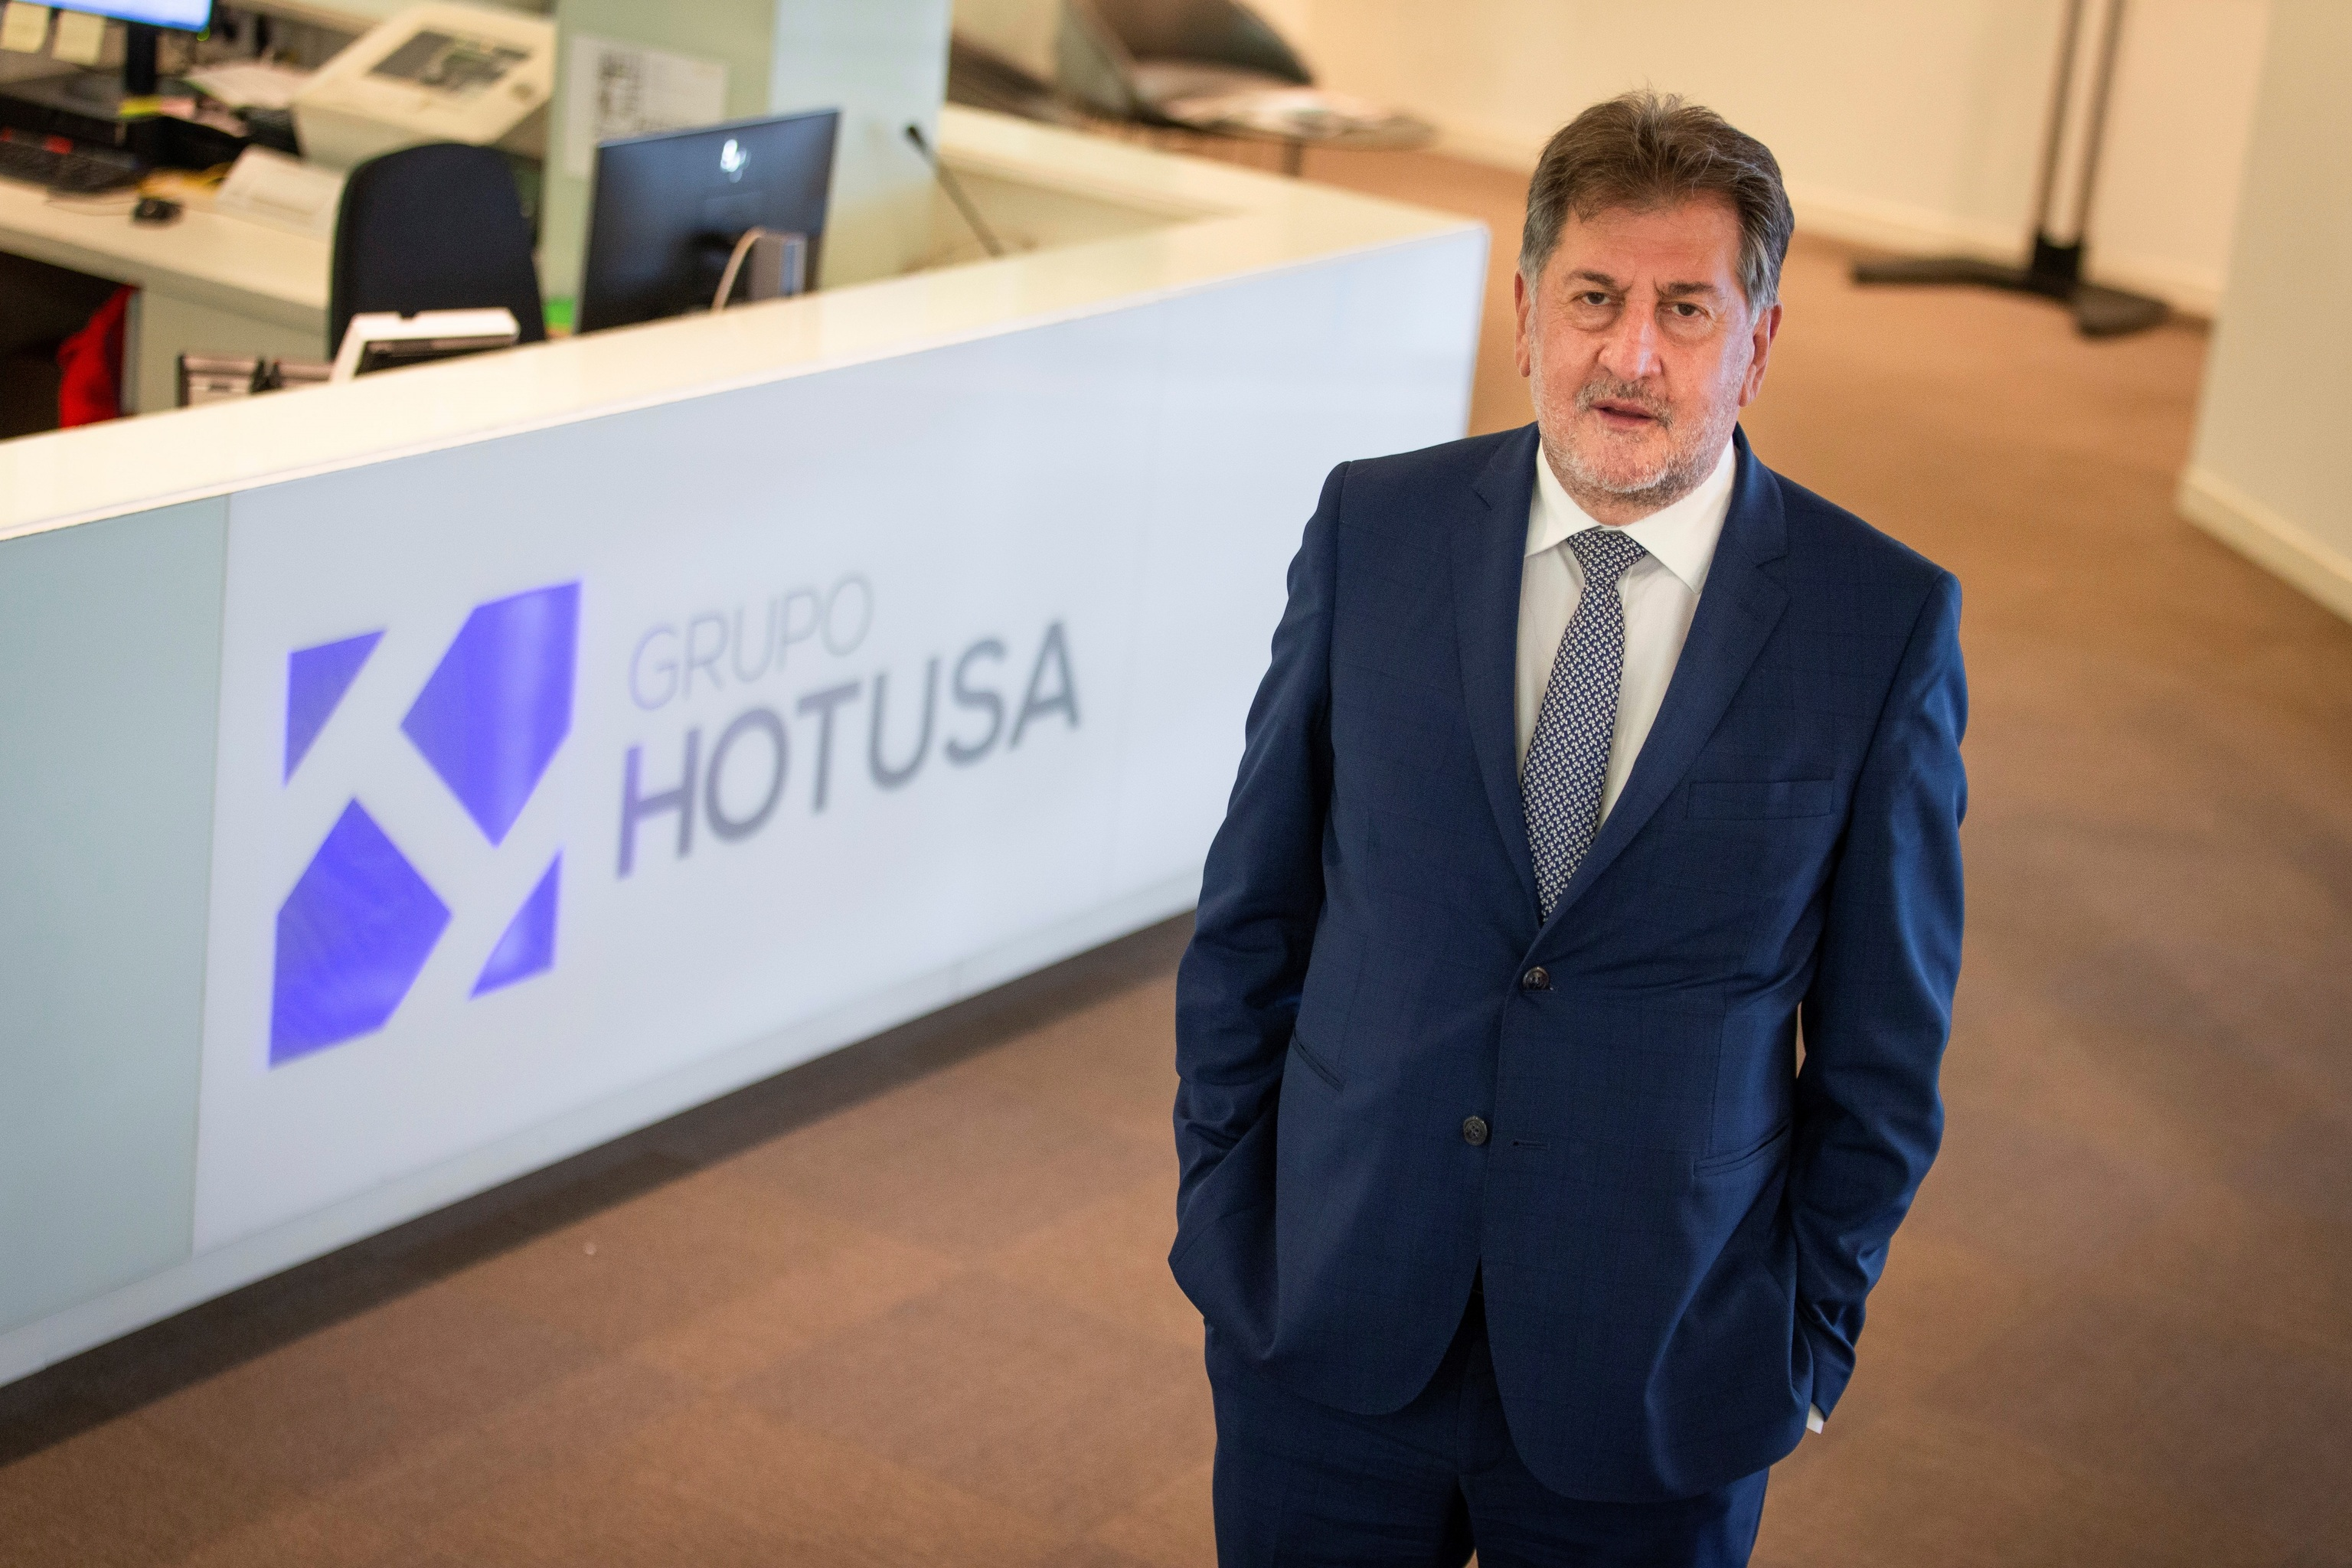 El presidente de Hotusa, Amancio López